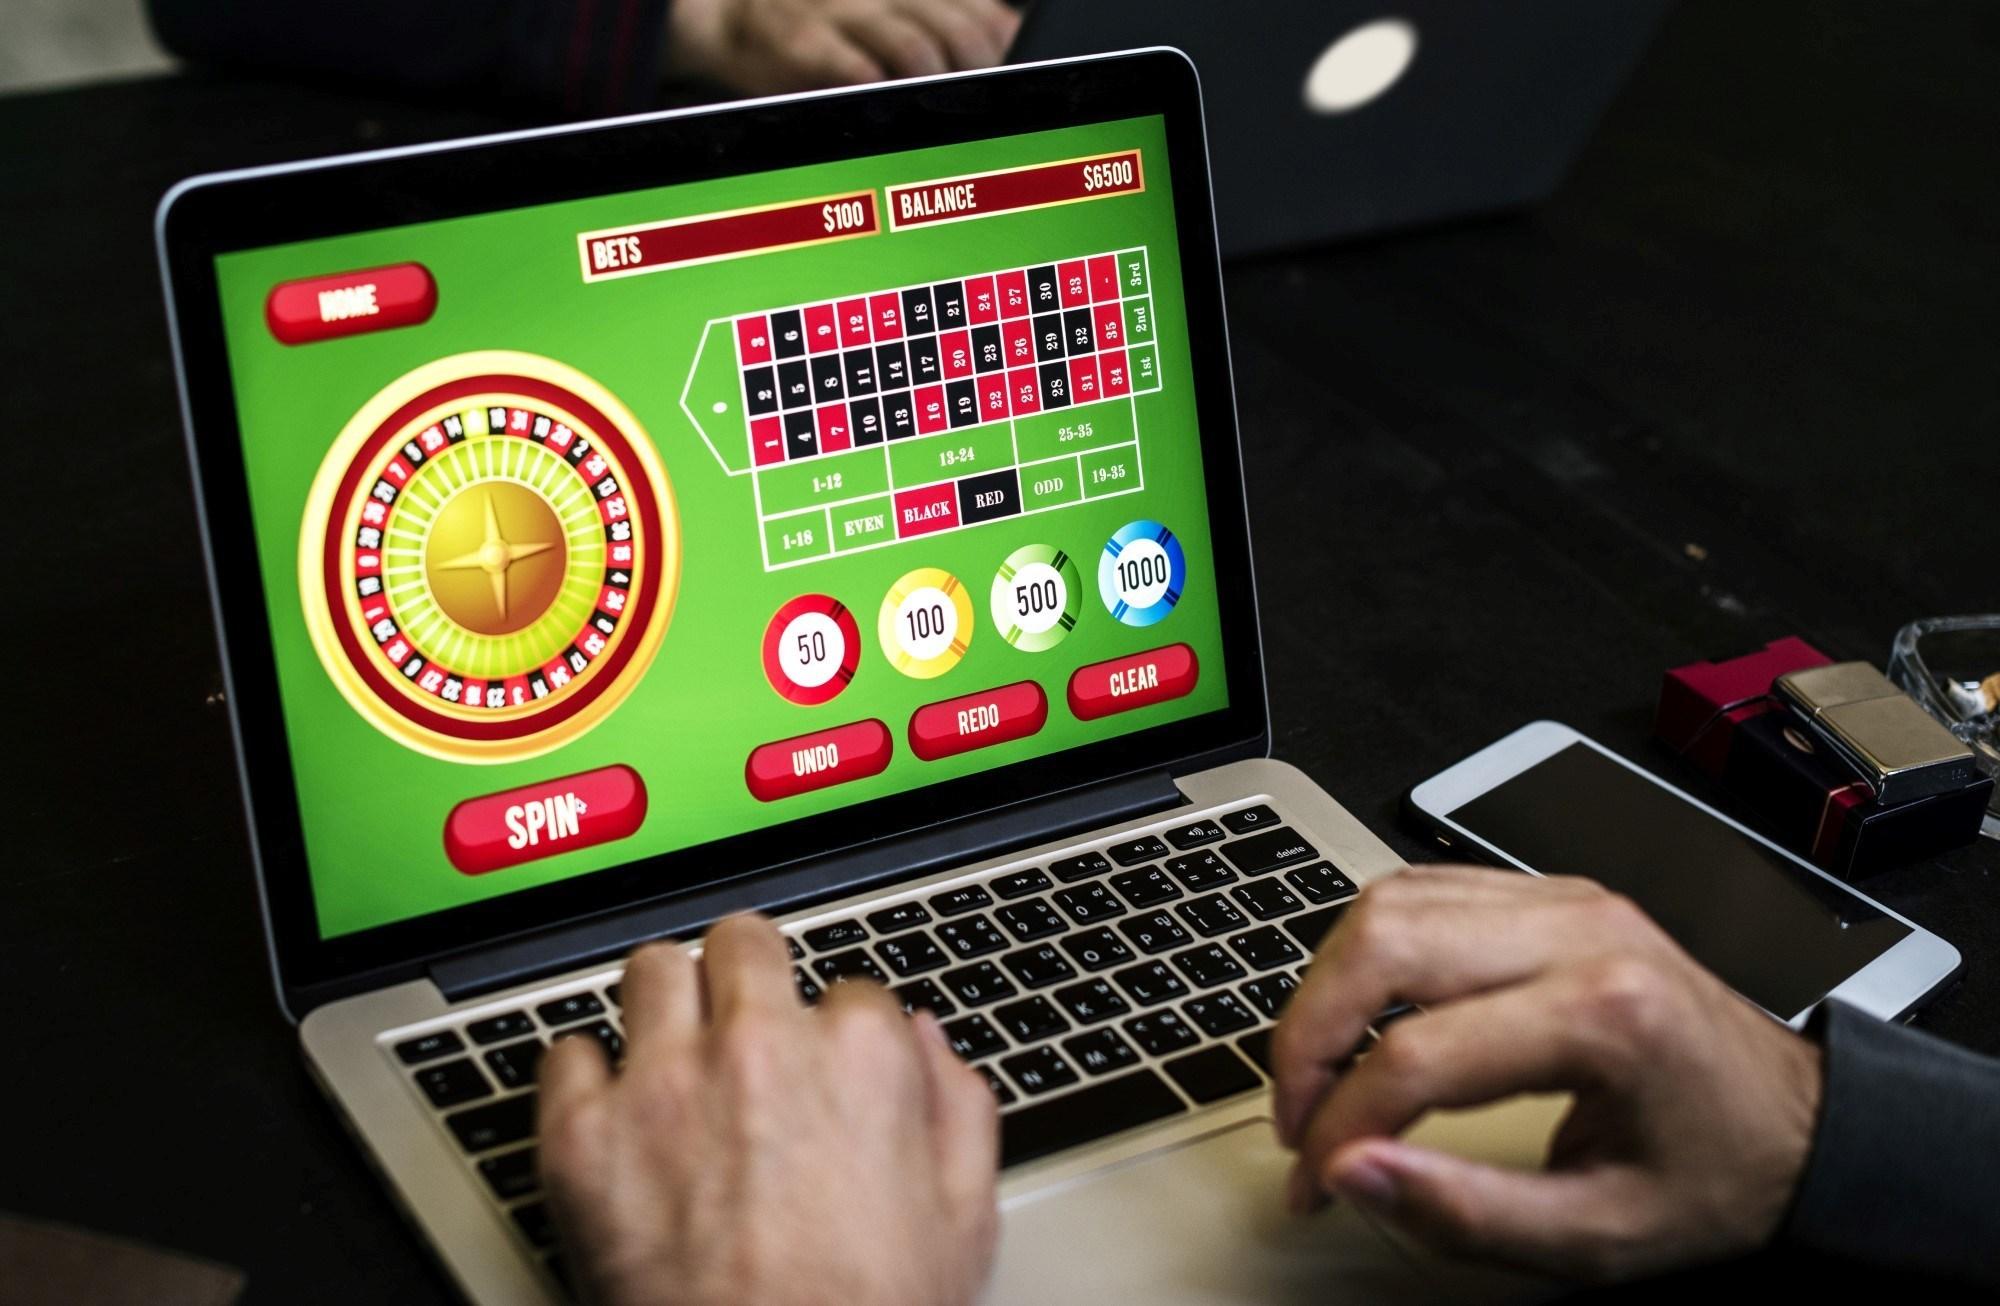 Гемблинг — что это такое?. гемблинг (от англ. gambling — азартная… | by гэмблинг новости | medium